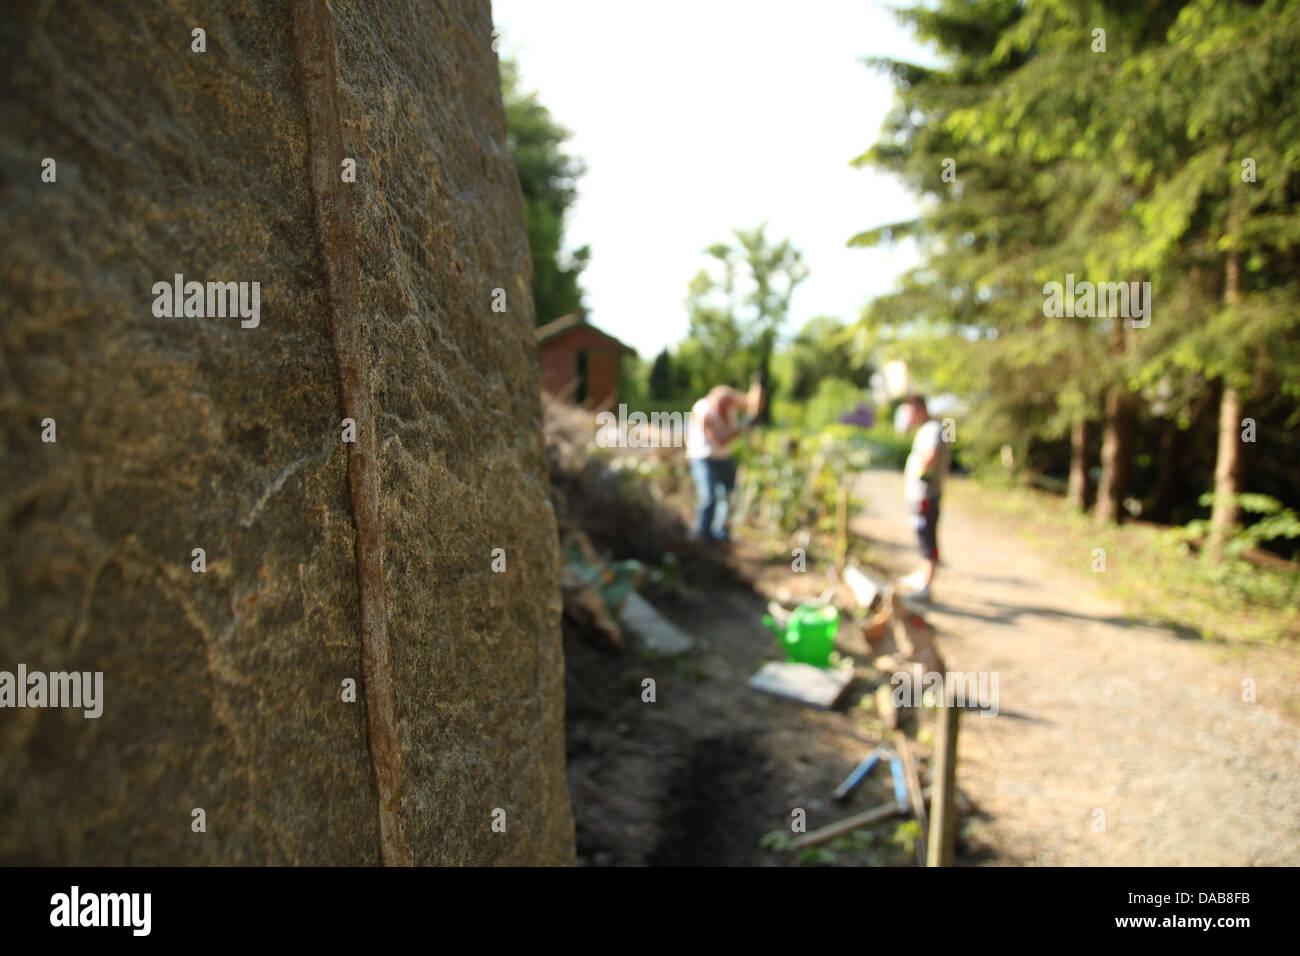 Zwei Manner Arbeiten Des Garten Und Grenze Zaun Mit Vertikalen